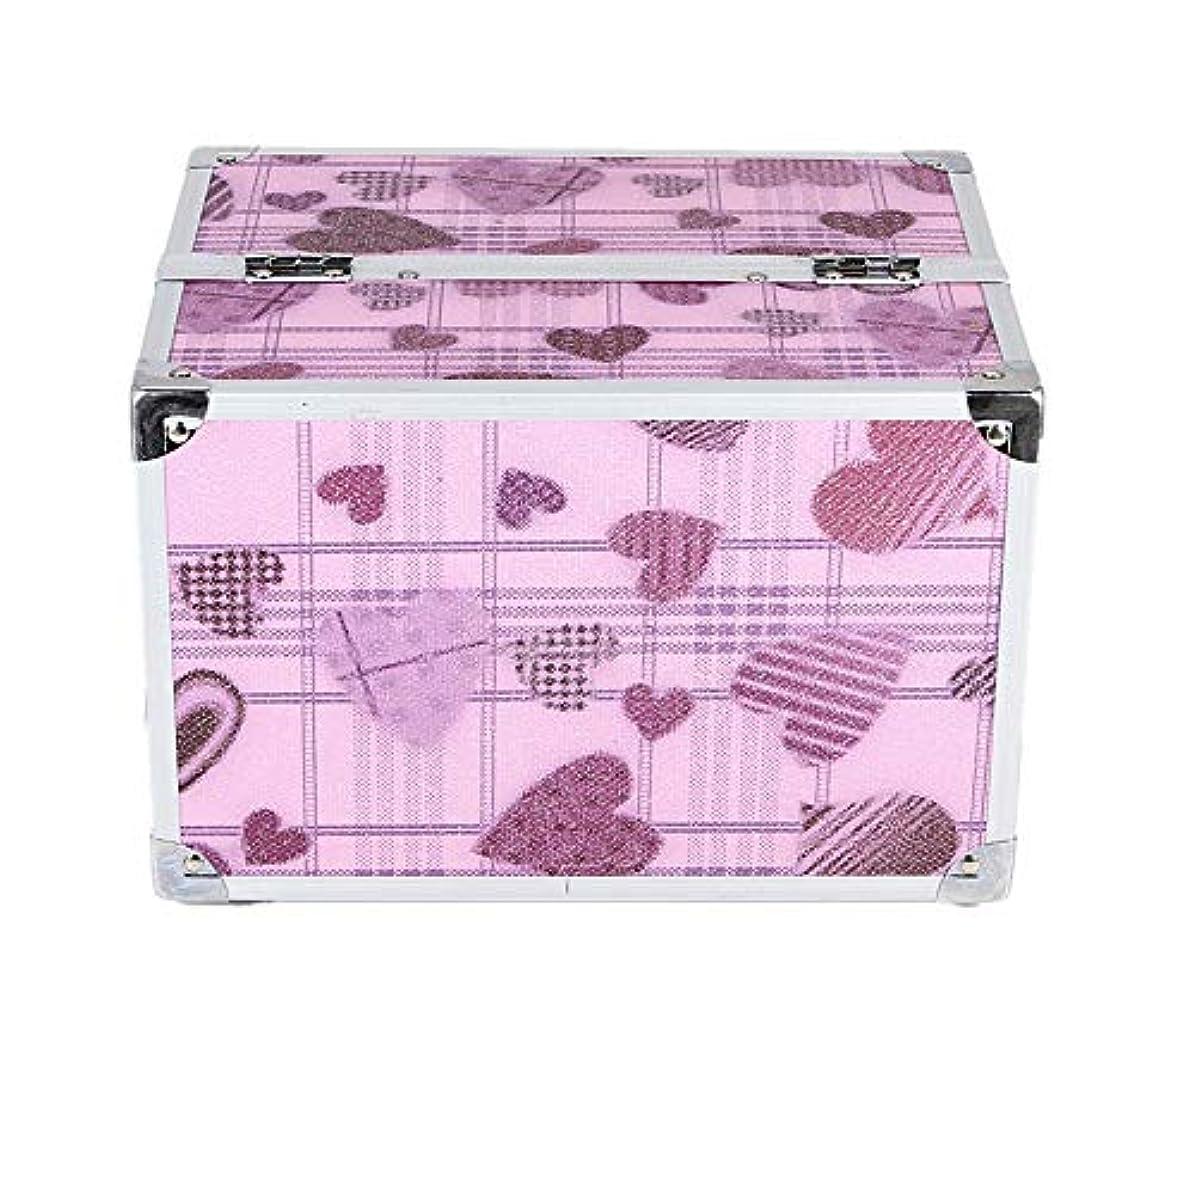 卑しい契約する特別に化粧オーガナイザーバッグ かわいいハートパターントラベルアクセサリーのためのポータブル化粧ケースシャンプーボディウォッシュパーソナルアイテム収納トレイ 化粧品ケース